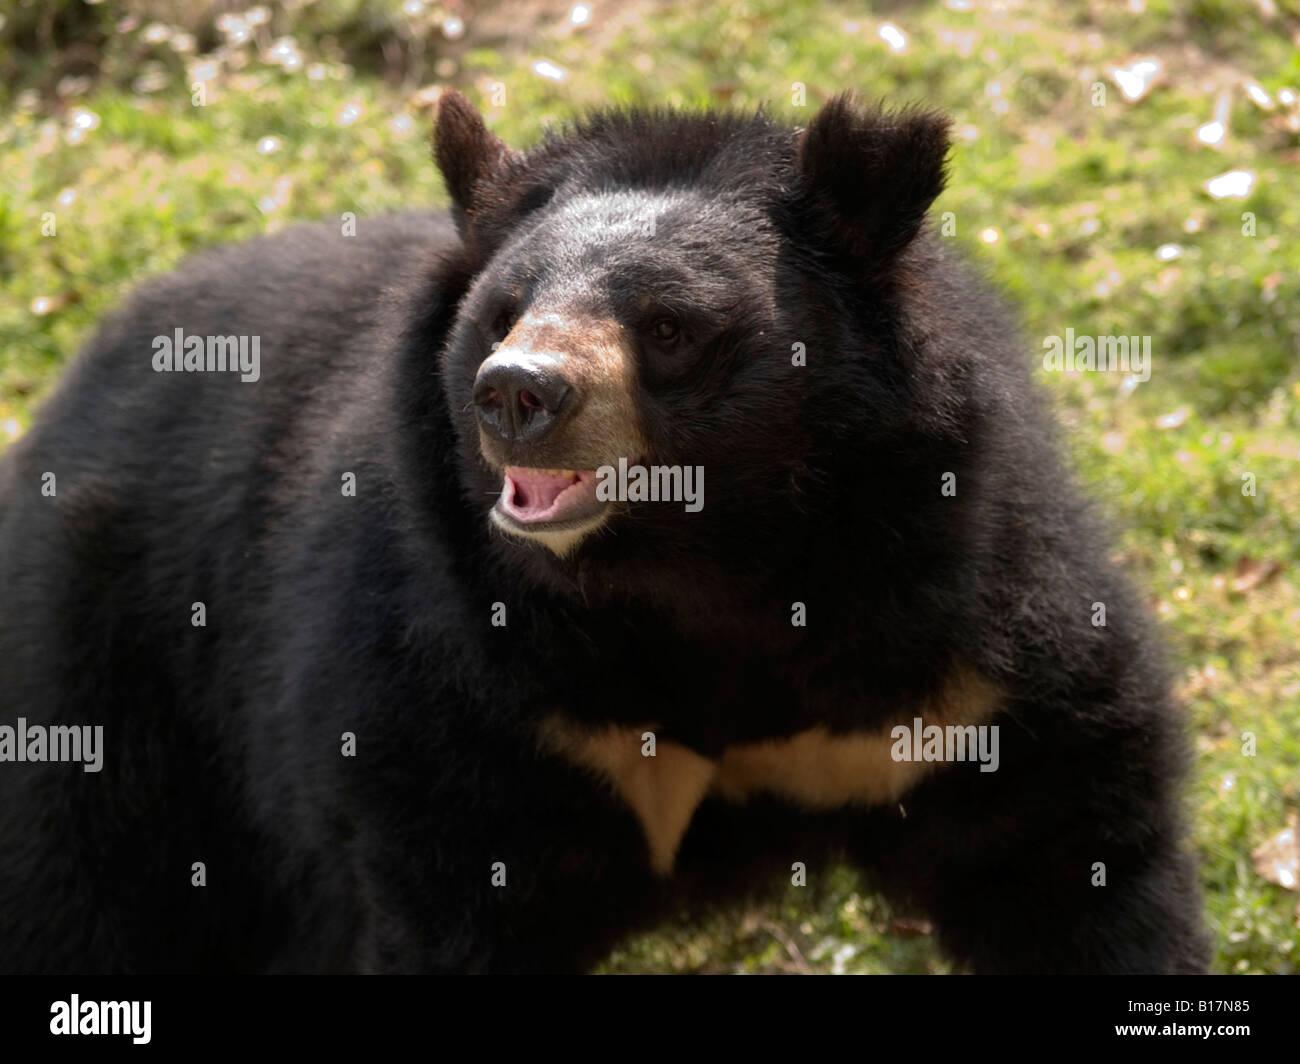 large Himalayan black bear - Stock Image